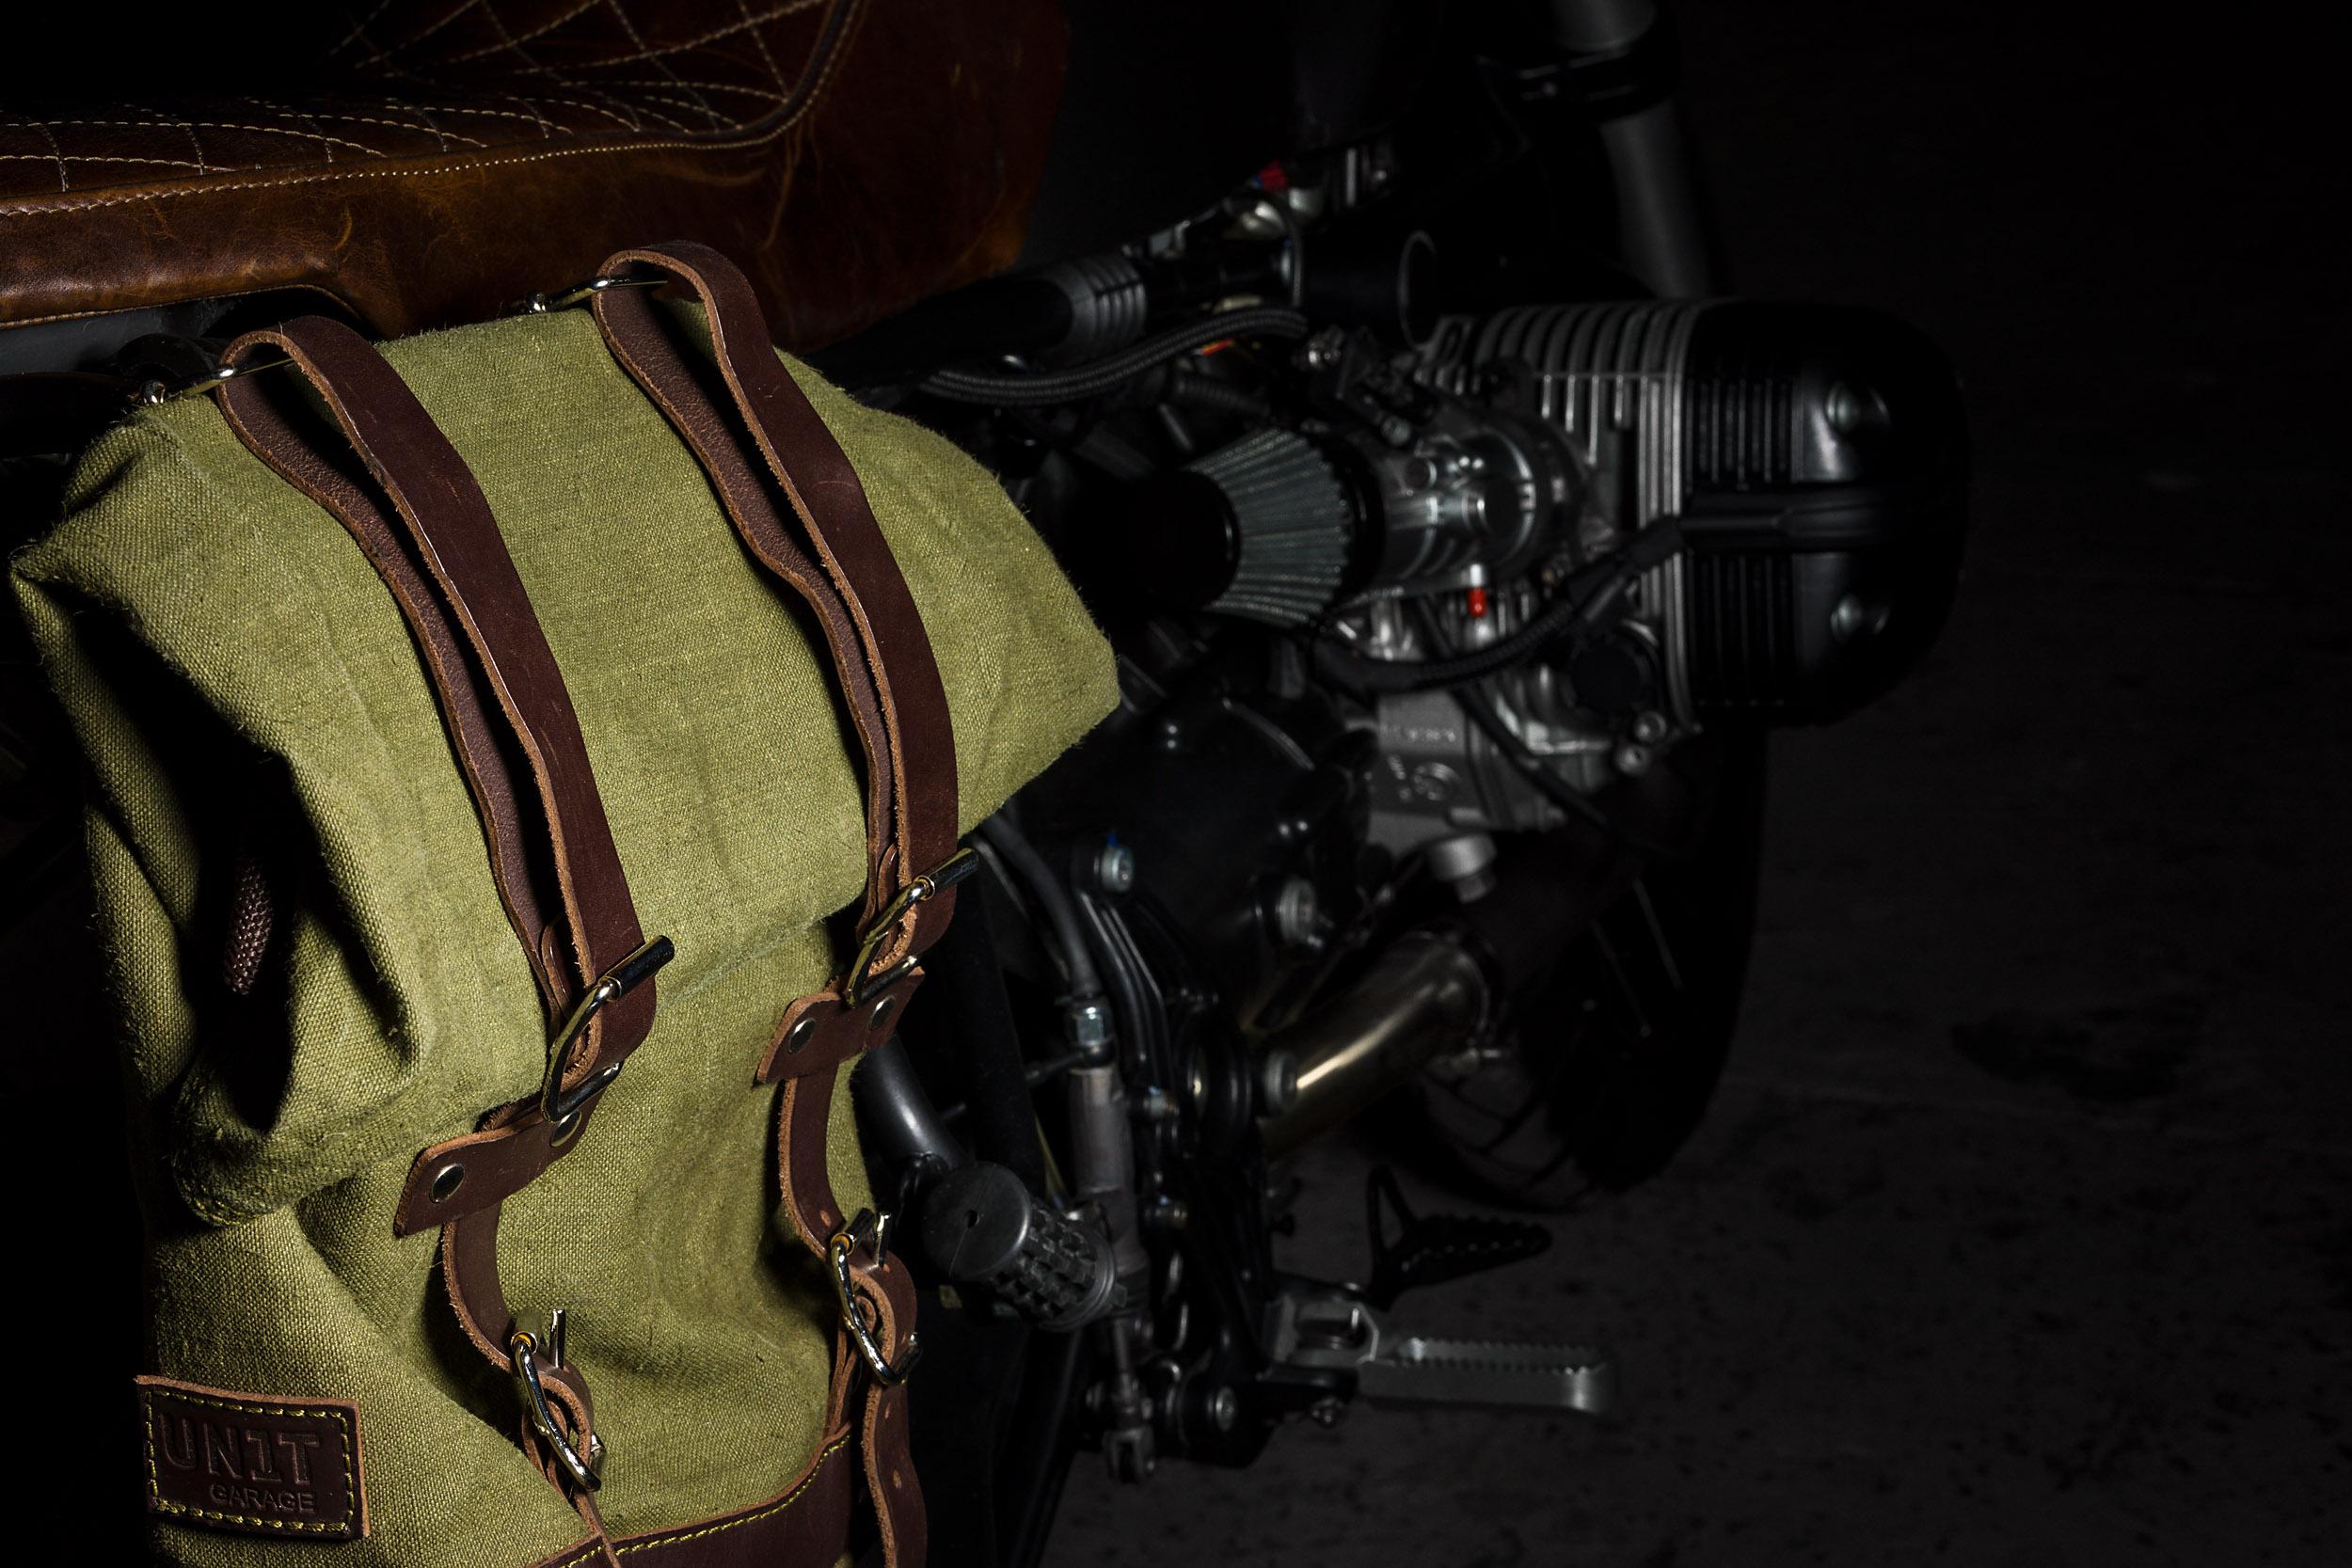 17_1220_Davey_BMW_001_096A.jpg